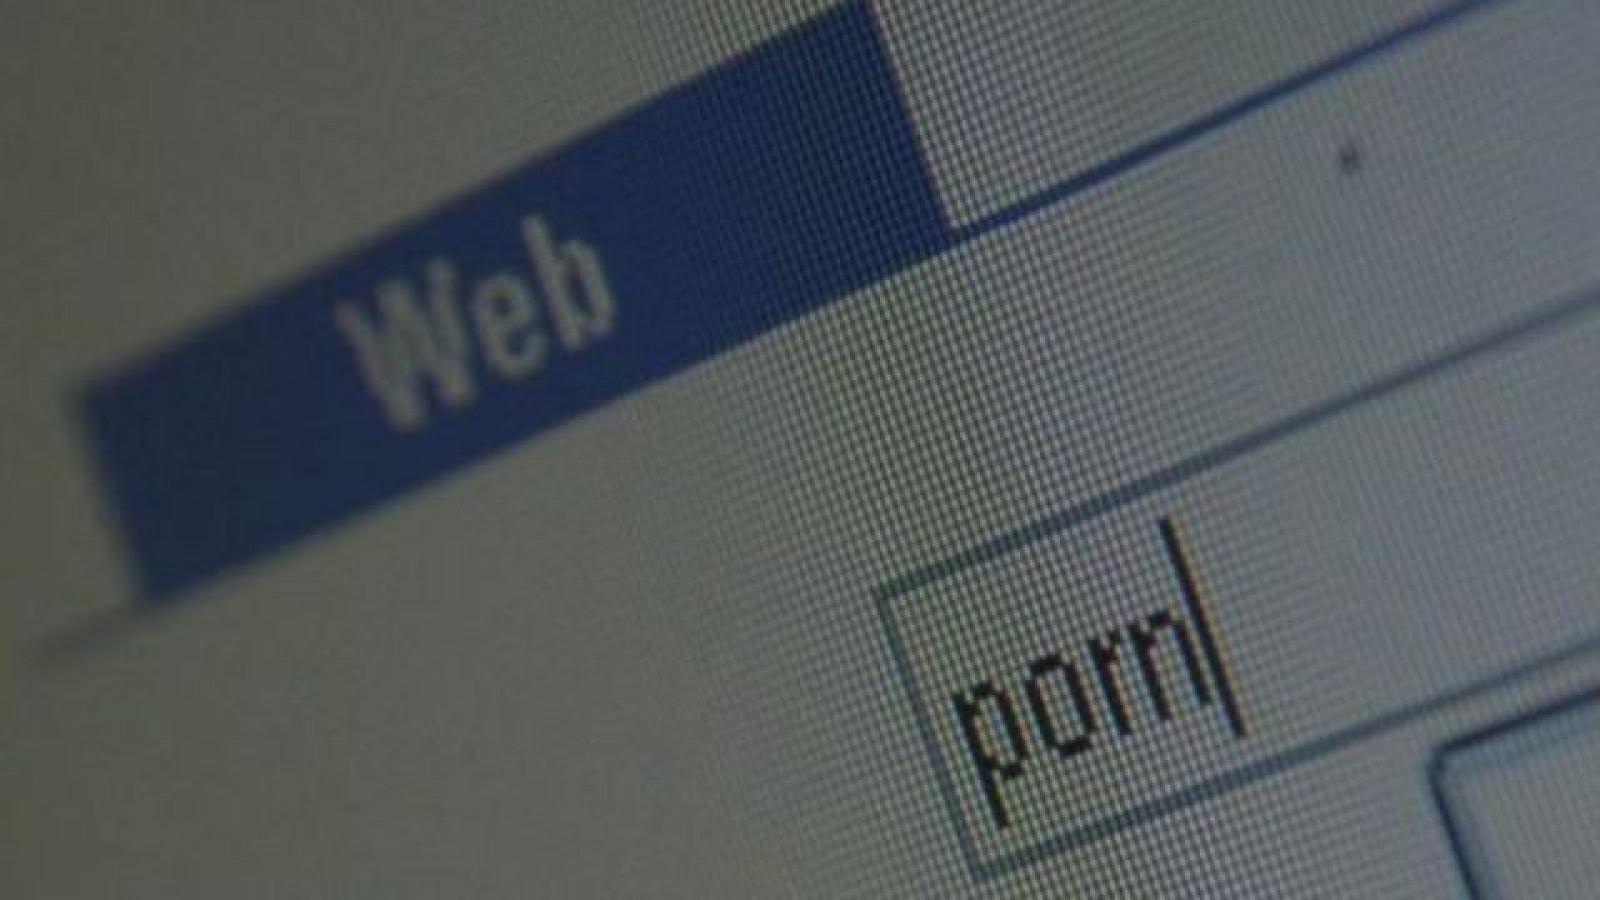 Poliţia din India a arestat trei bărbaţi care şantajau femei cu imagini pornografice false